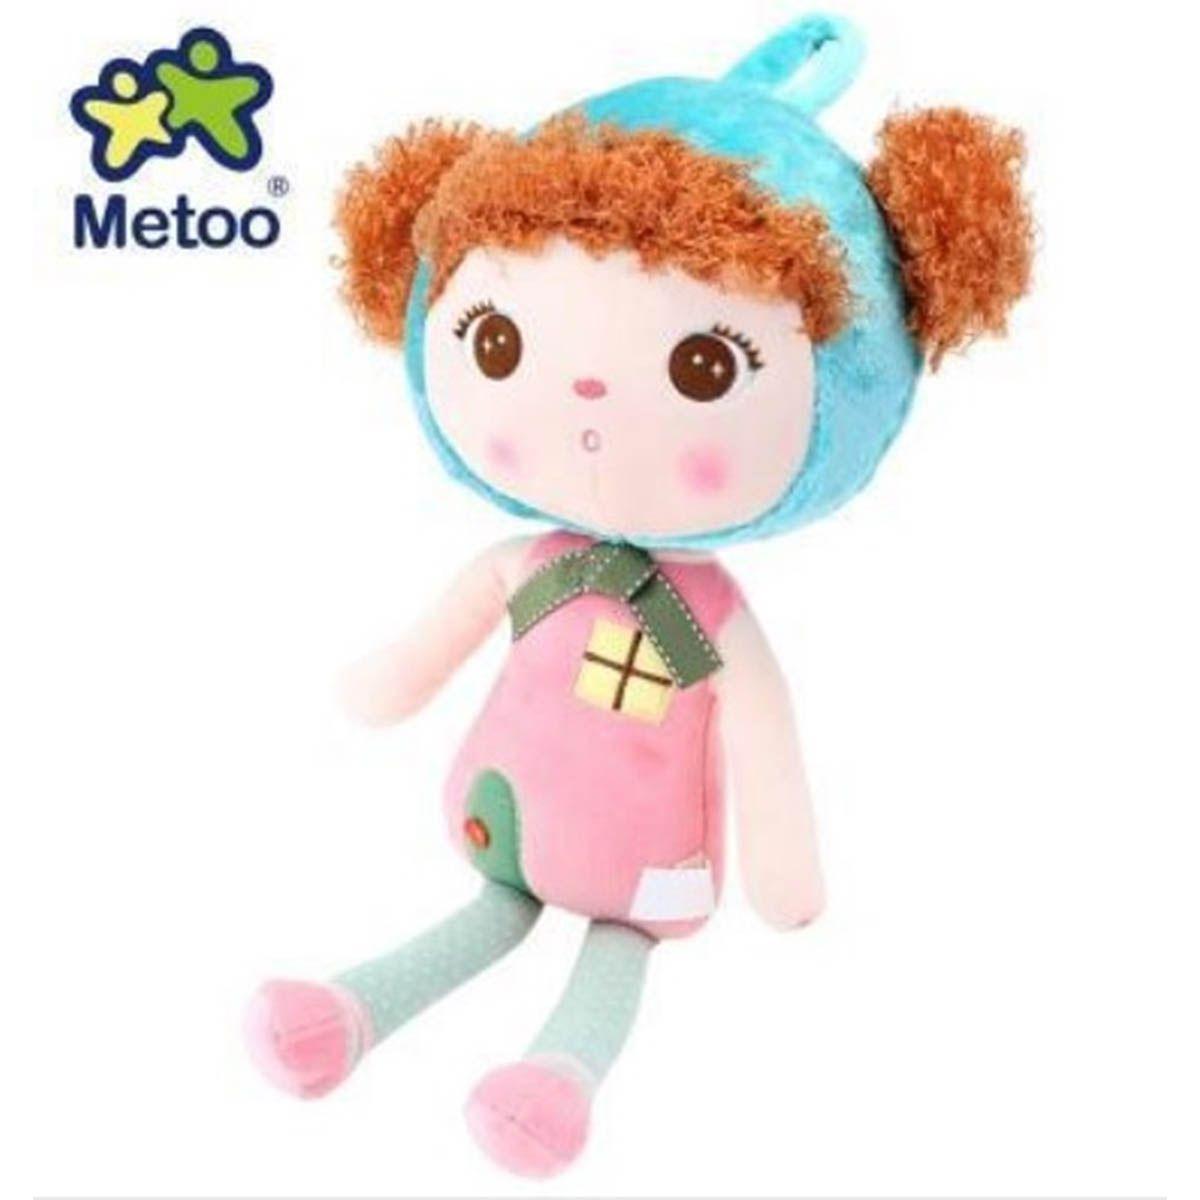 Boneca Jimbao Sweet Home 46cm - Metoo